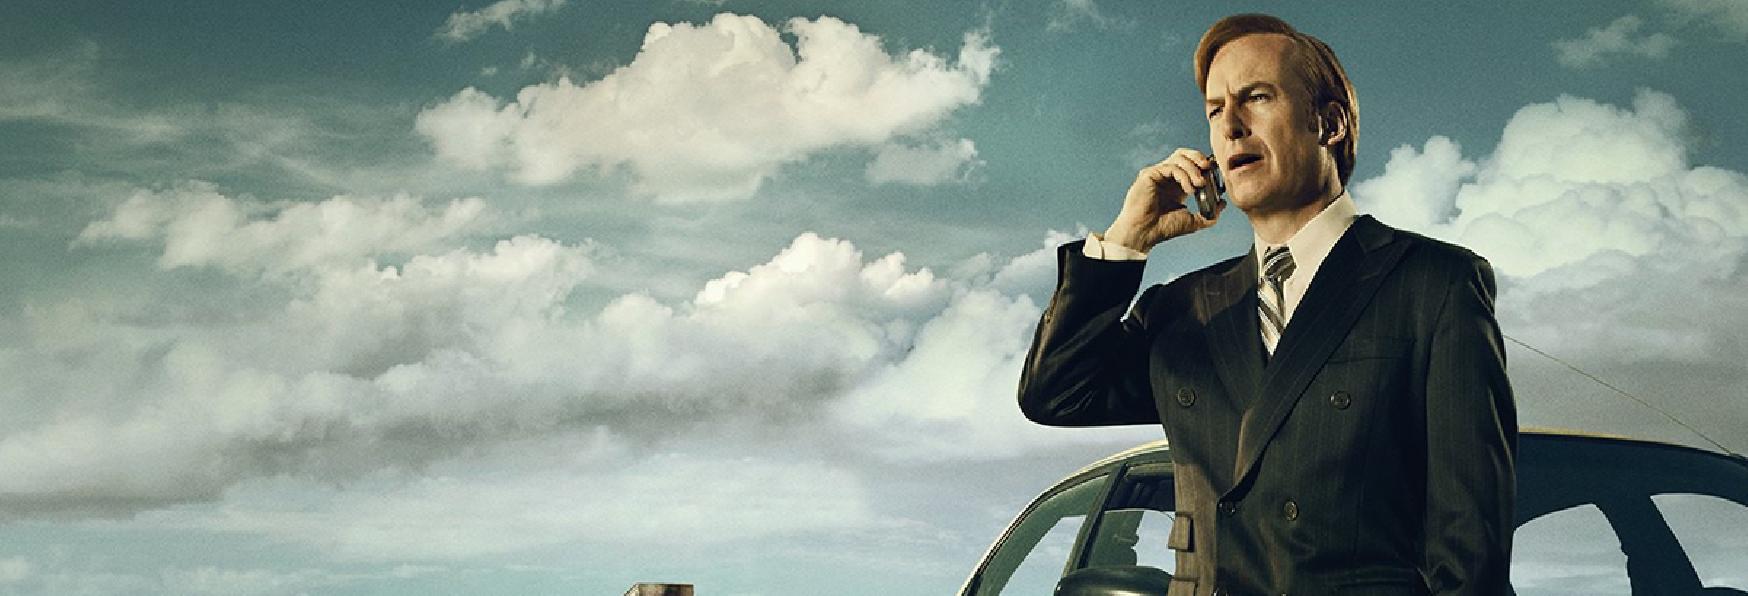 Better Call Saul: L'apprezzatissimo Spin-off potrebbe concludersi con la 6° Stagione